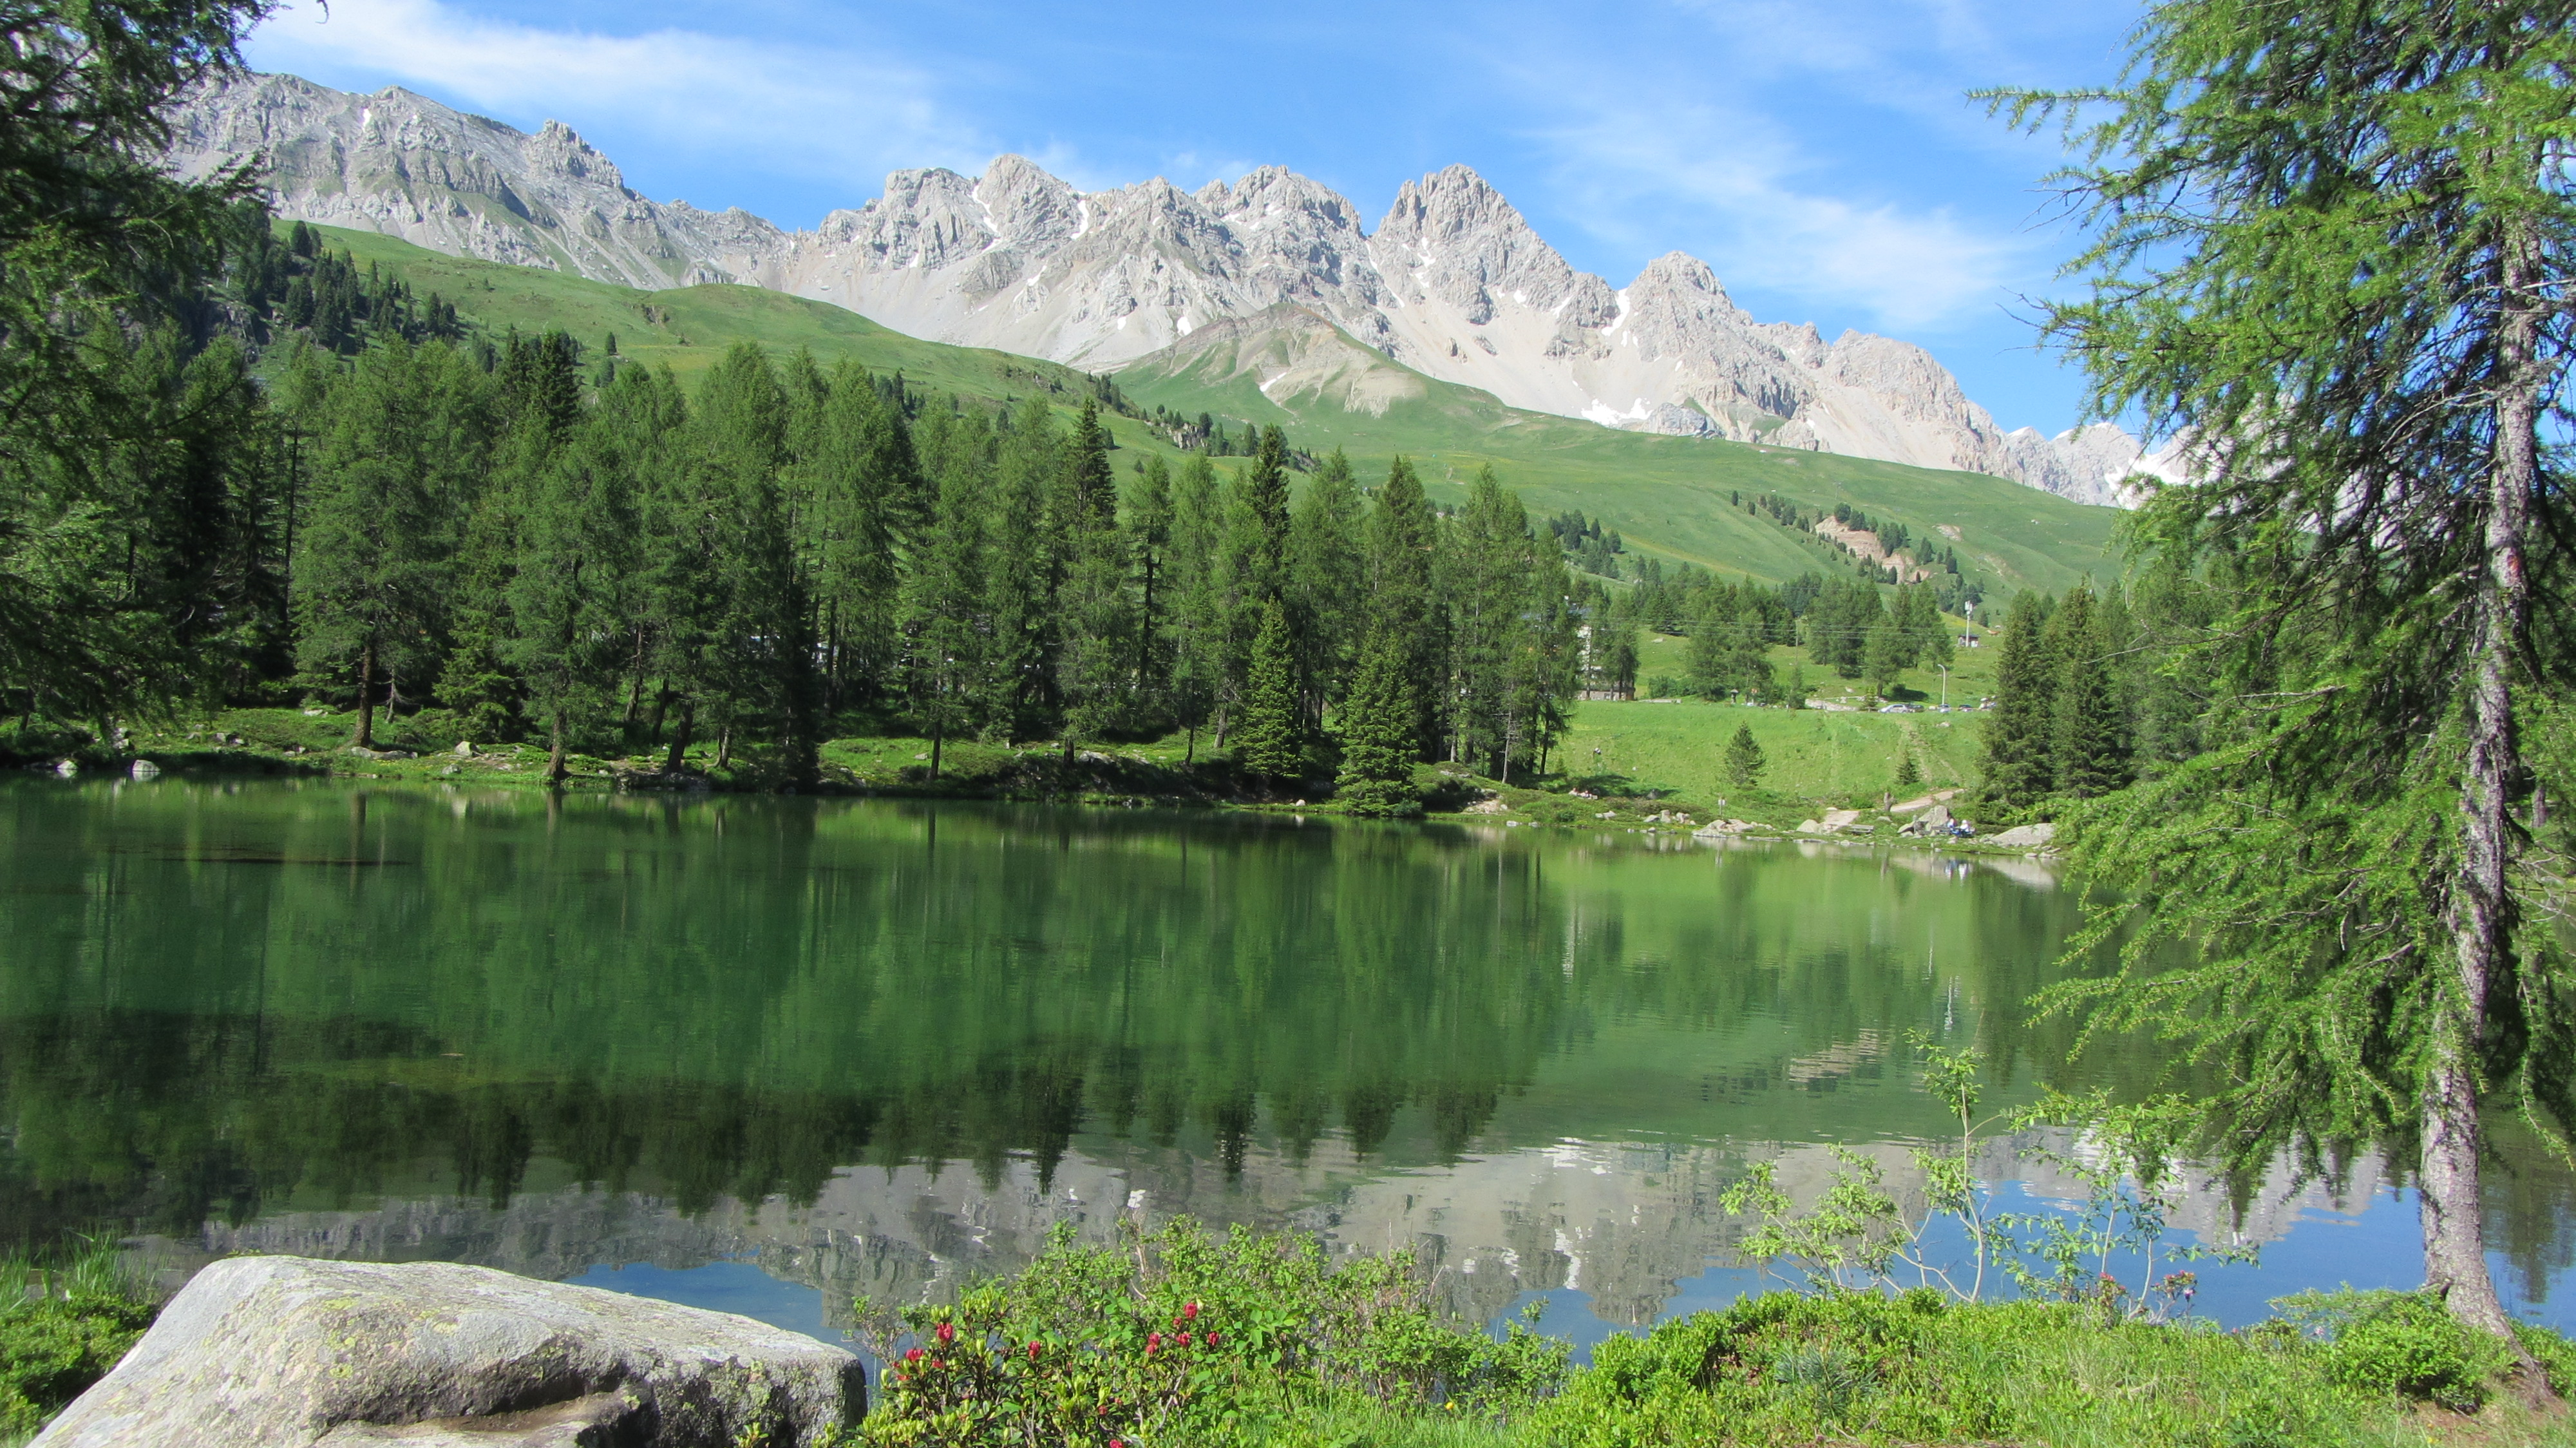 5 laghi di montagna dove trascorrere le vacanze in estate blog montagna estate - Laghi dove fare il bagno veneto ...